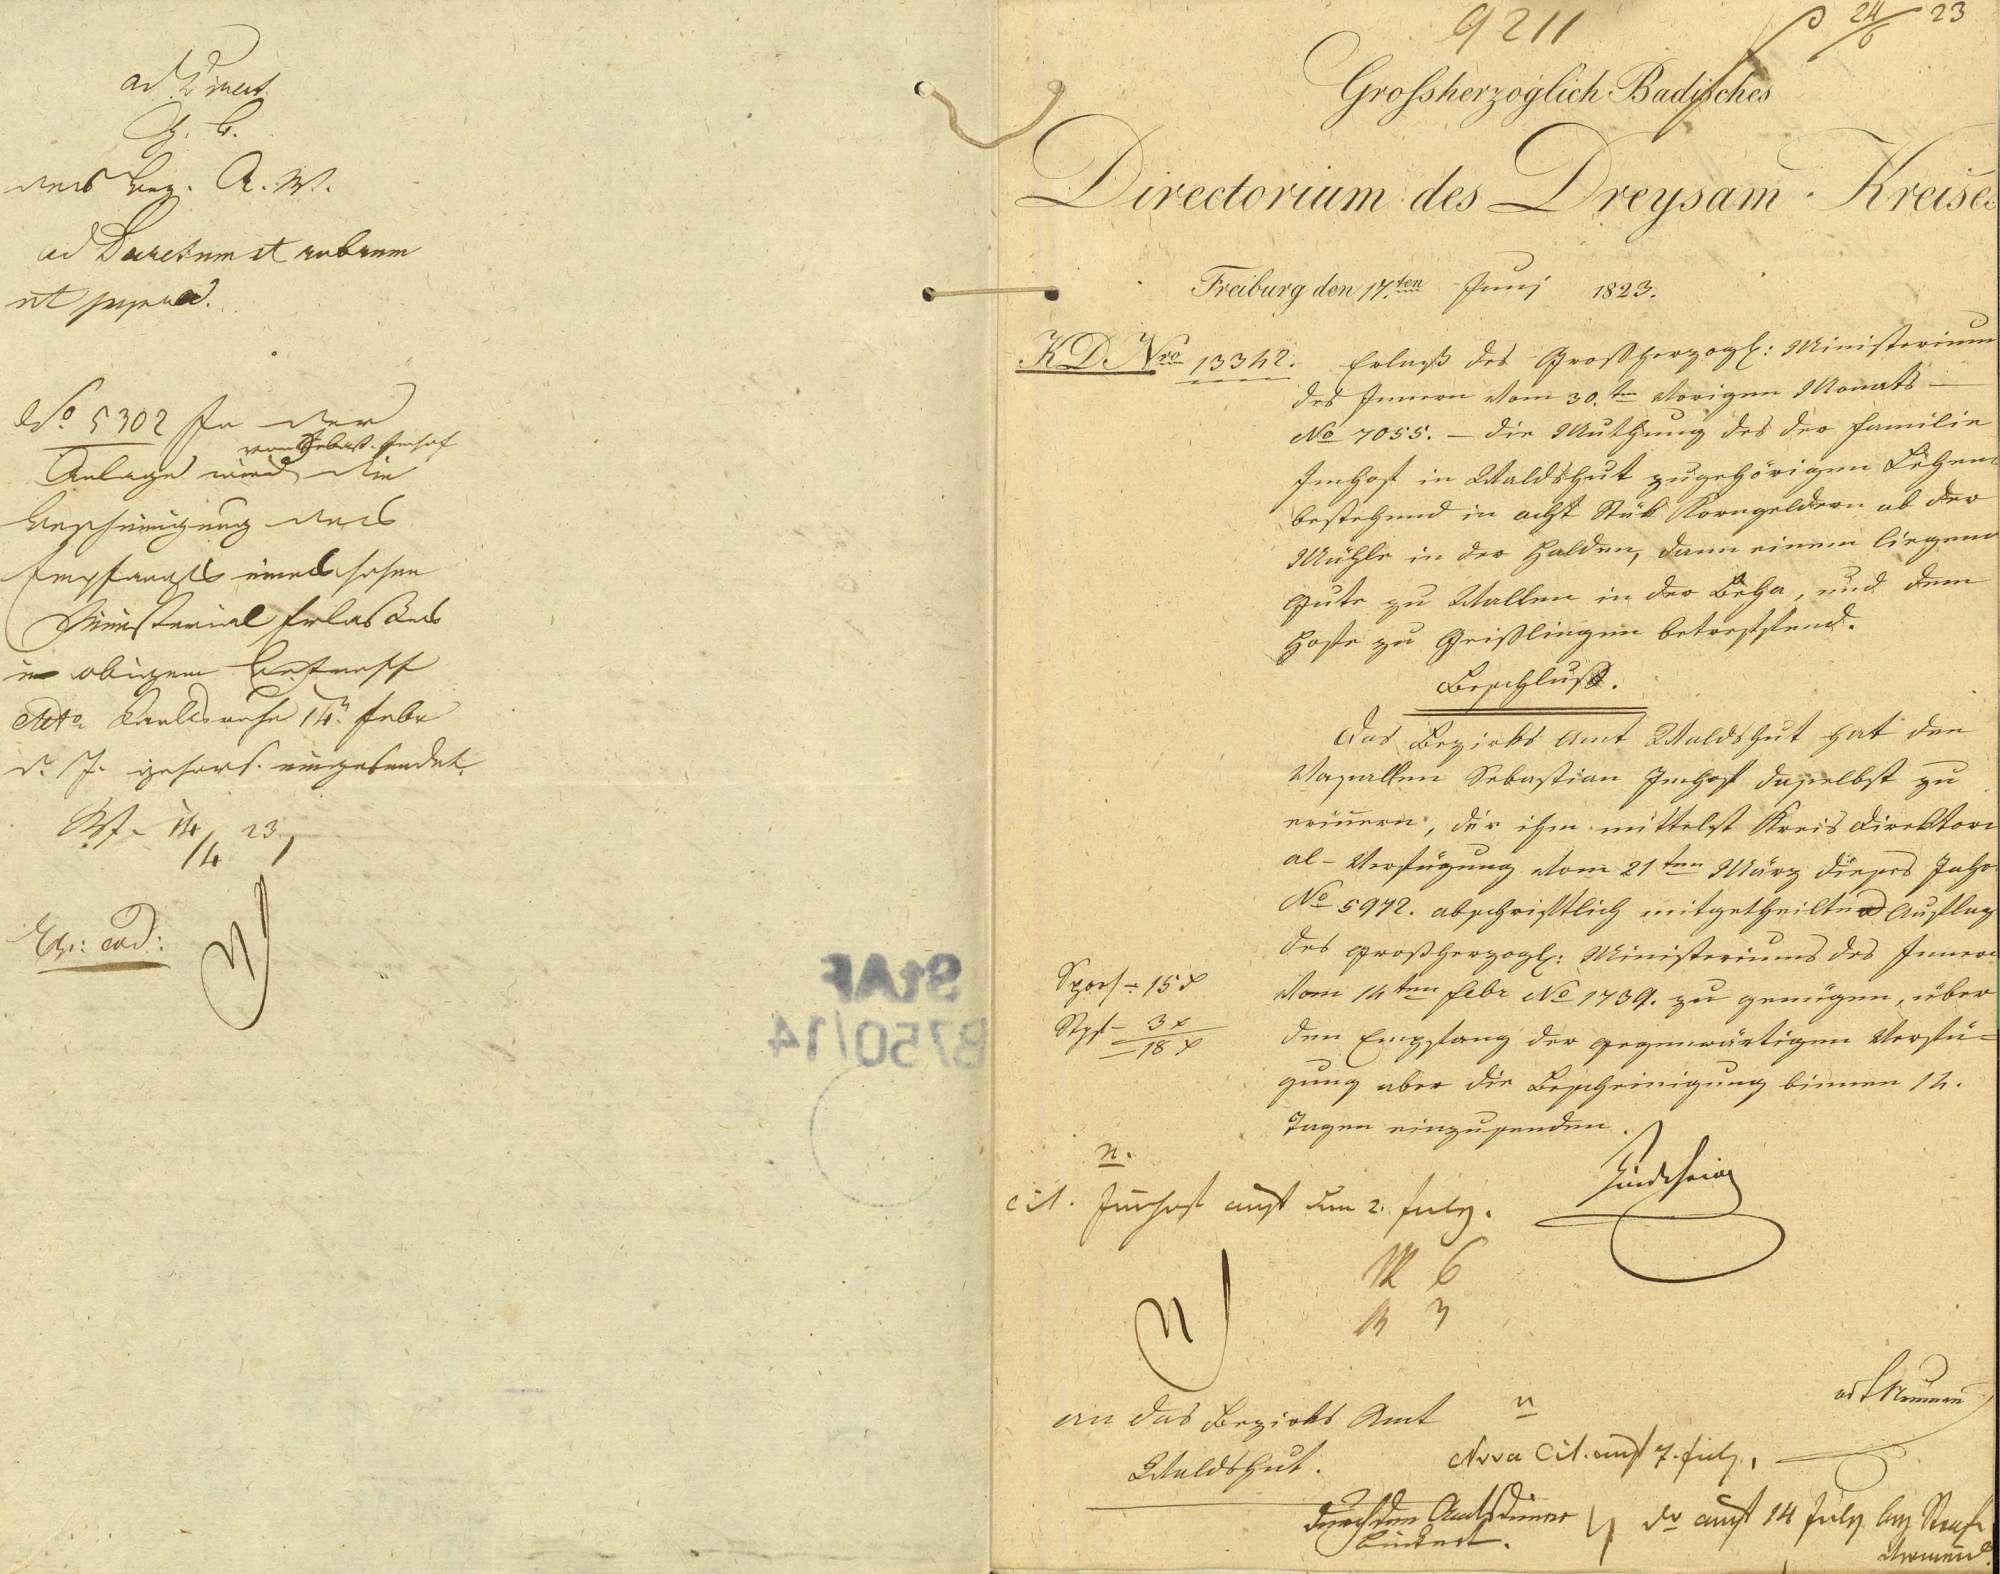 Mutung des der Familie Imhof in Waldshut zugehörigen Lehens, bestehend in 8 Stück Korngelder von der Mühle in der Halden, einem liegenden Gut zu Wallen in der Baar und dem Hof zu Geislingen, Bild 2